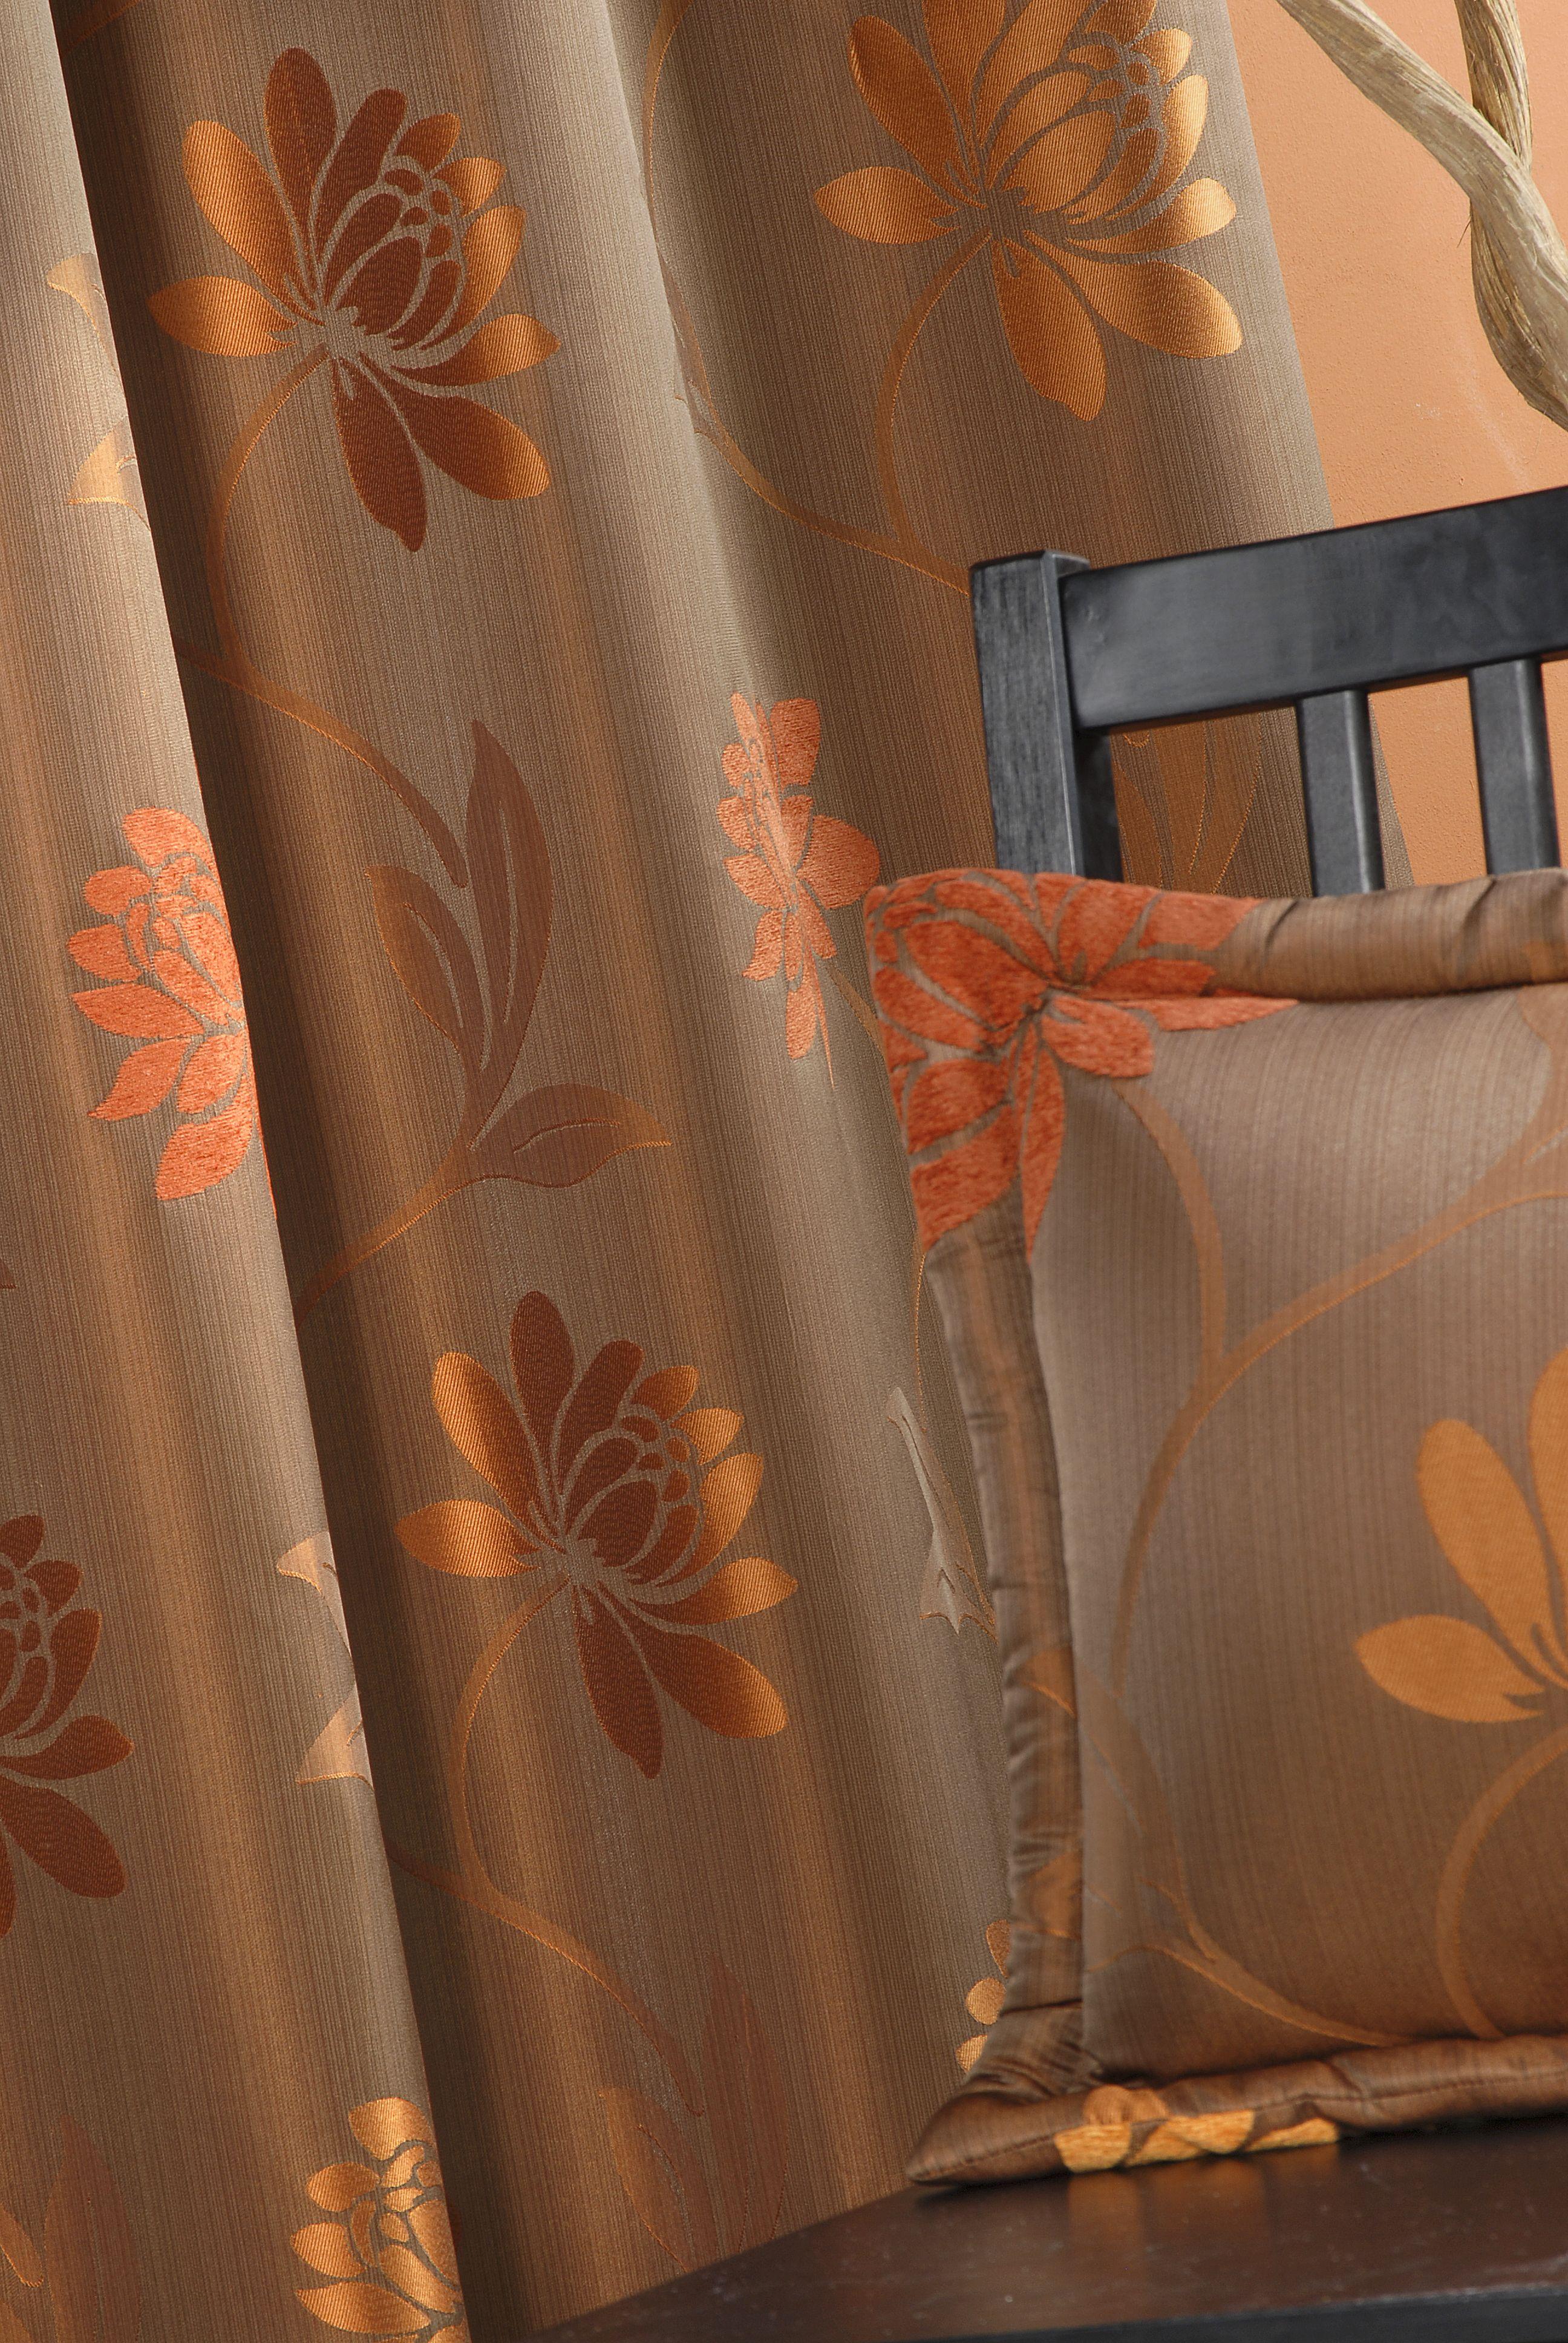 rideaux en jacquard avec des motifs fleurs couleur moka autumn inspirations pinterest. Black Bedroom Furniture Sets. Home Design Ideas